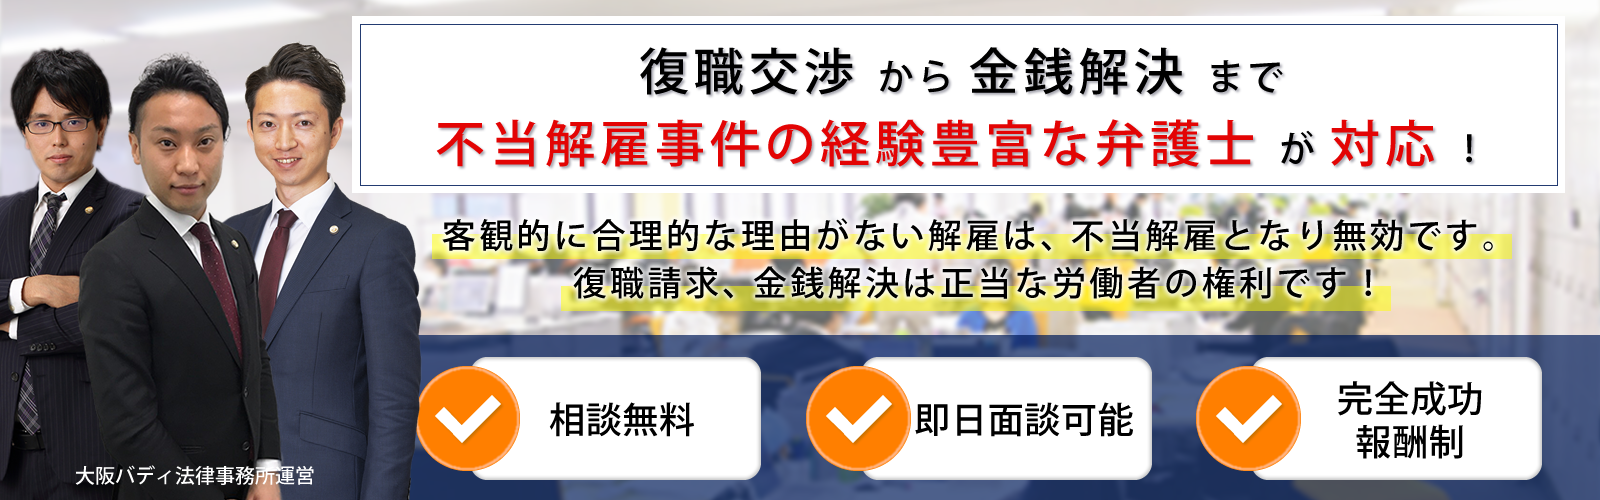 残業代計算から会社への請求・回収まで、大阪の残業代請求の経験豊富な弁護士が対応!